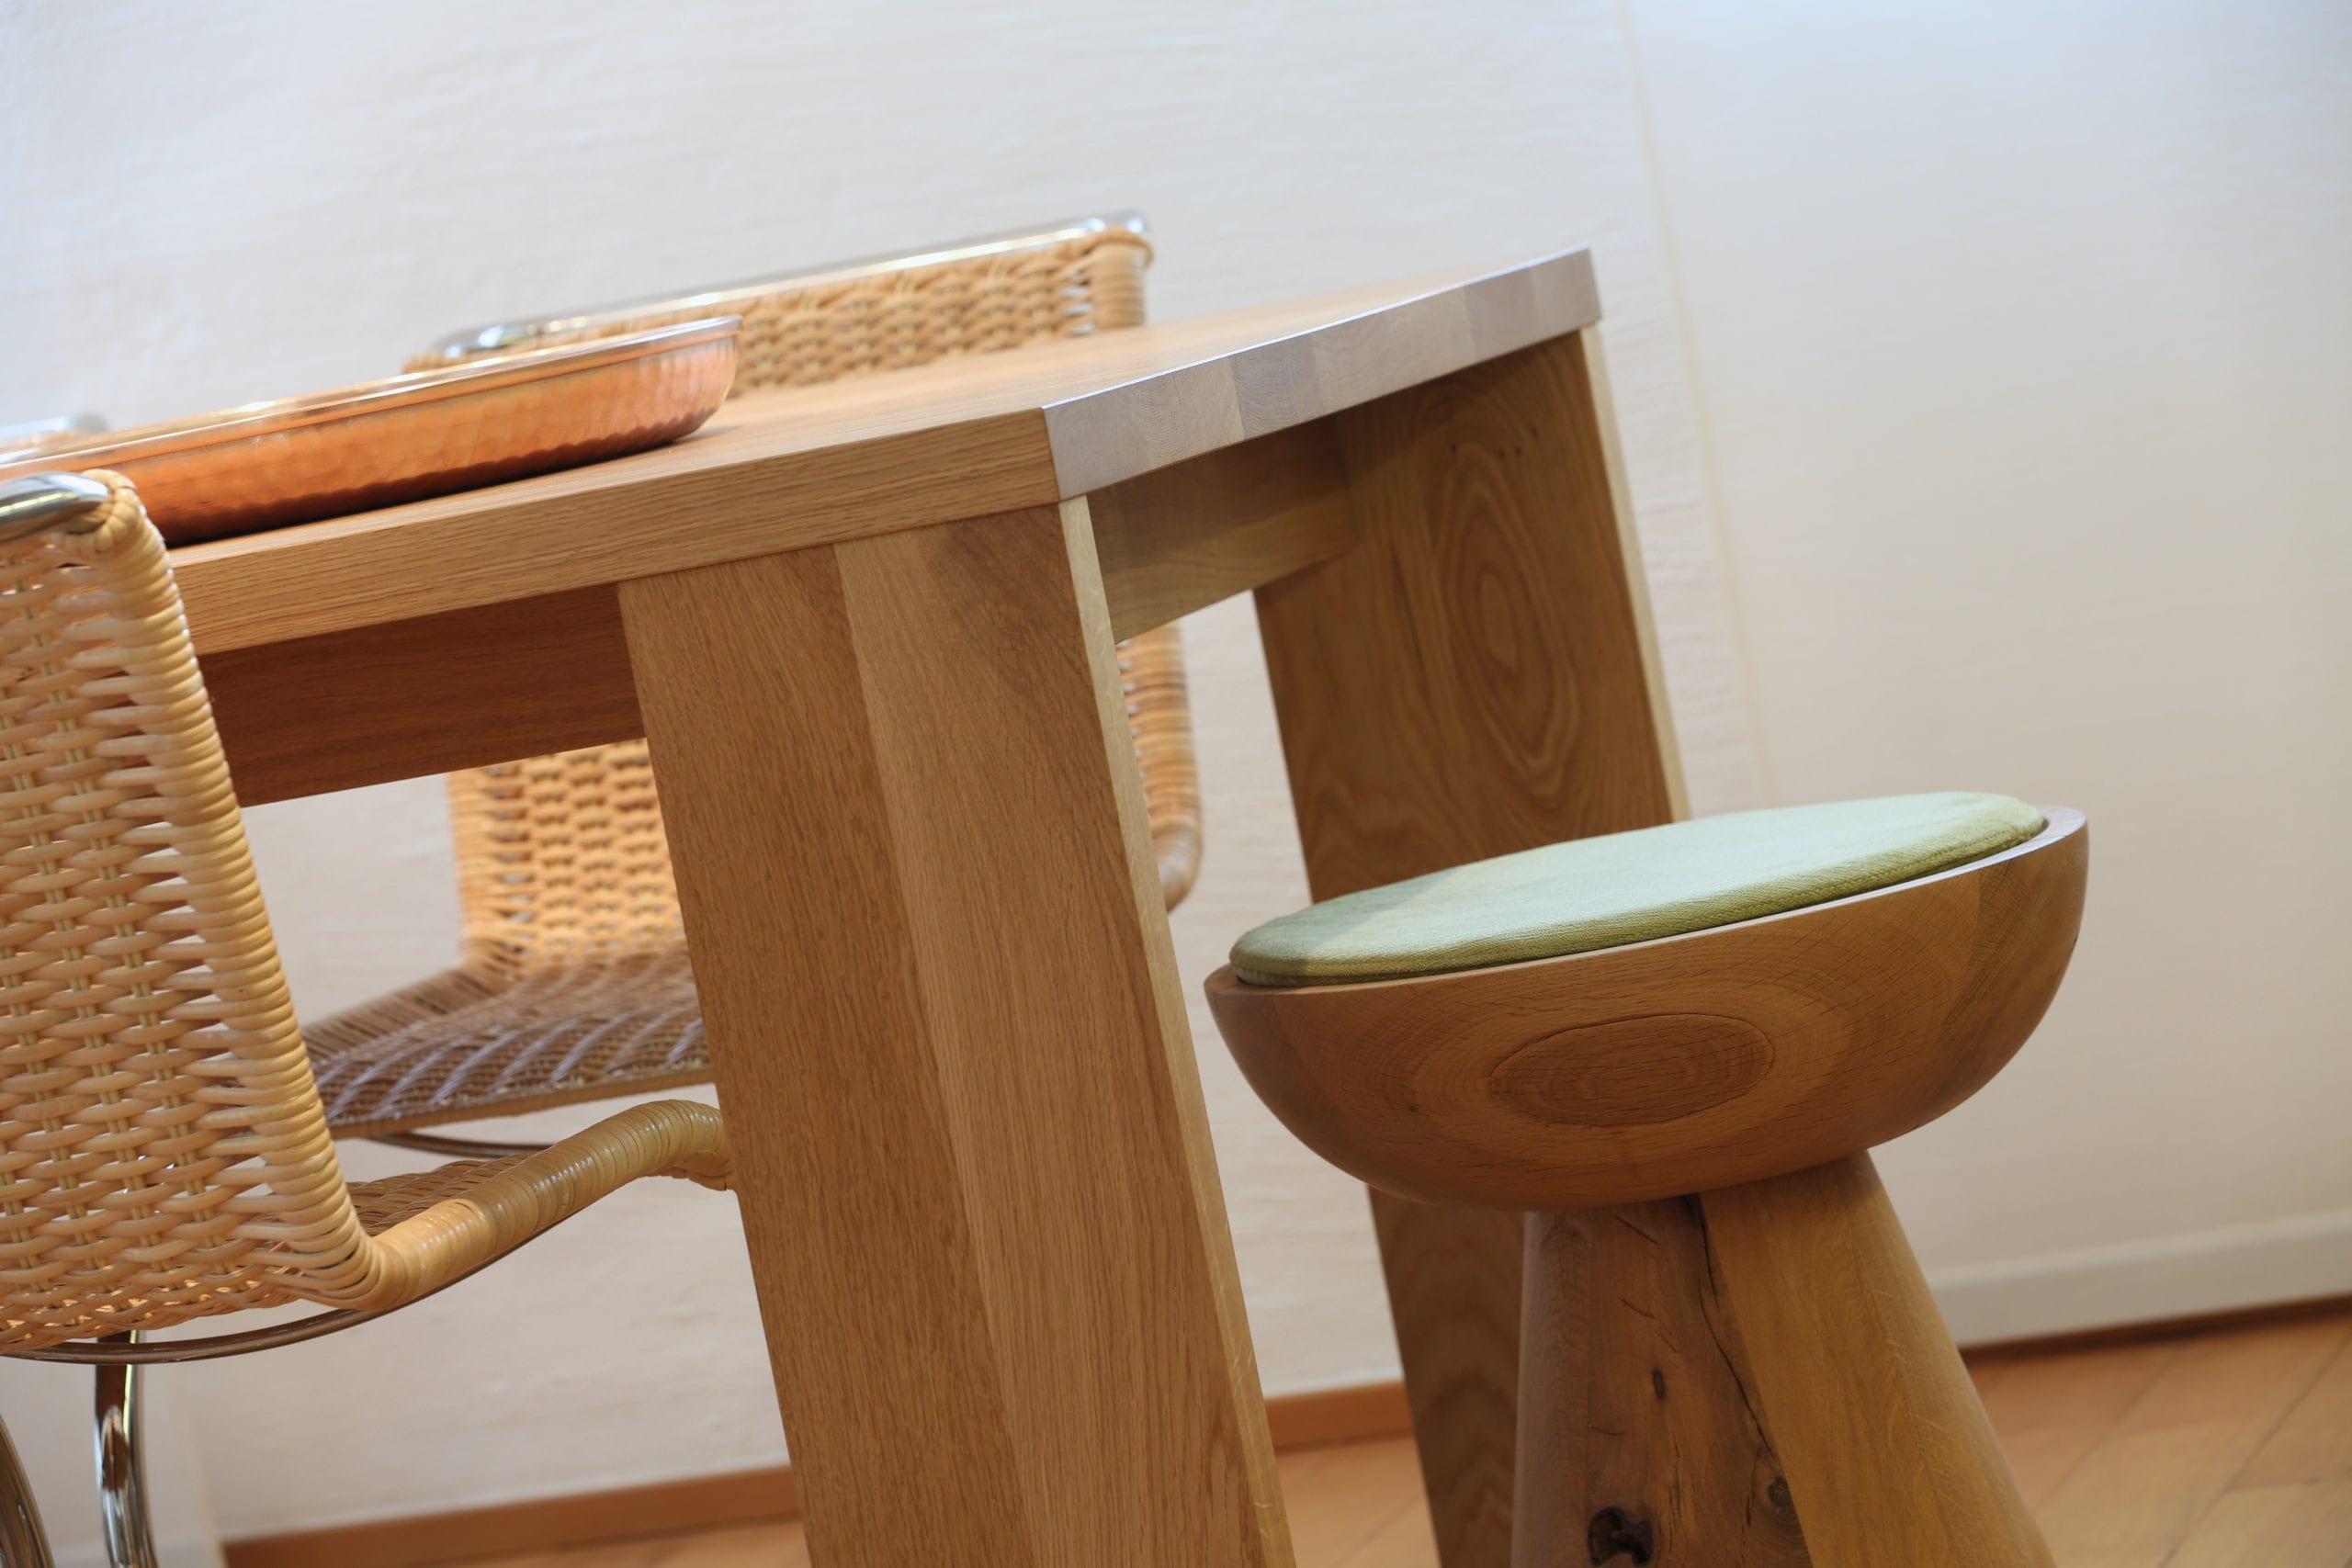 Made-in-Taunus-accessoires-sitzfleisch-11